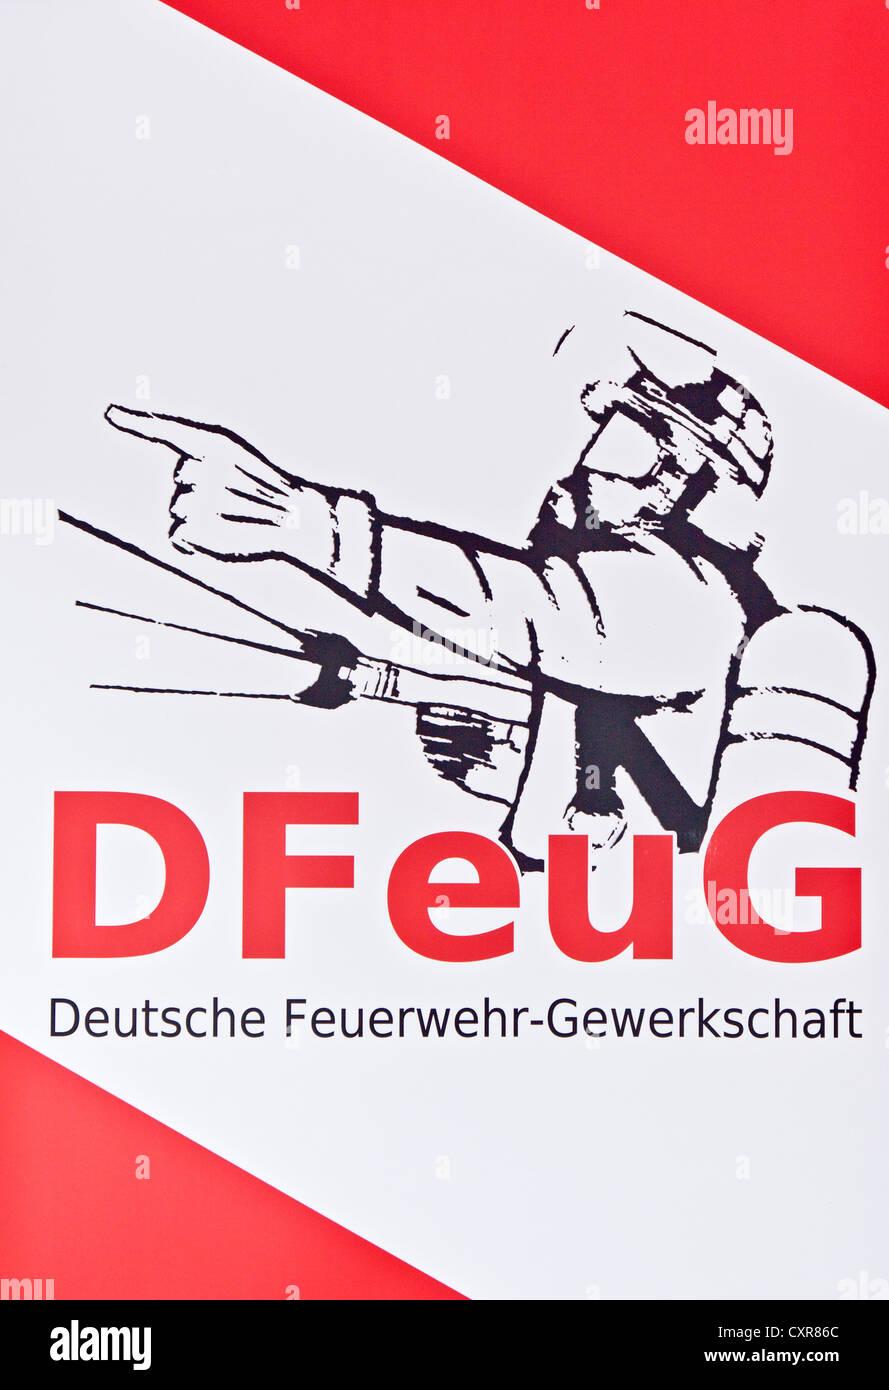 Banner, DFeuG, Deutsche Feuerwehr-Gewerkschaft, German firefighters' union - Stock Image